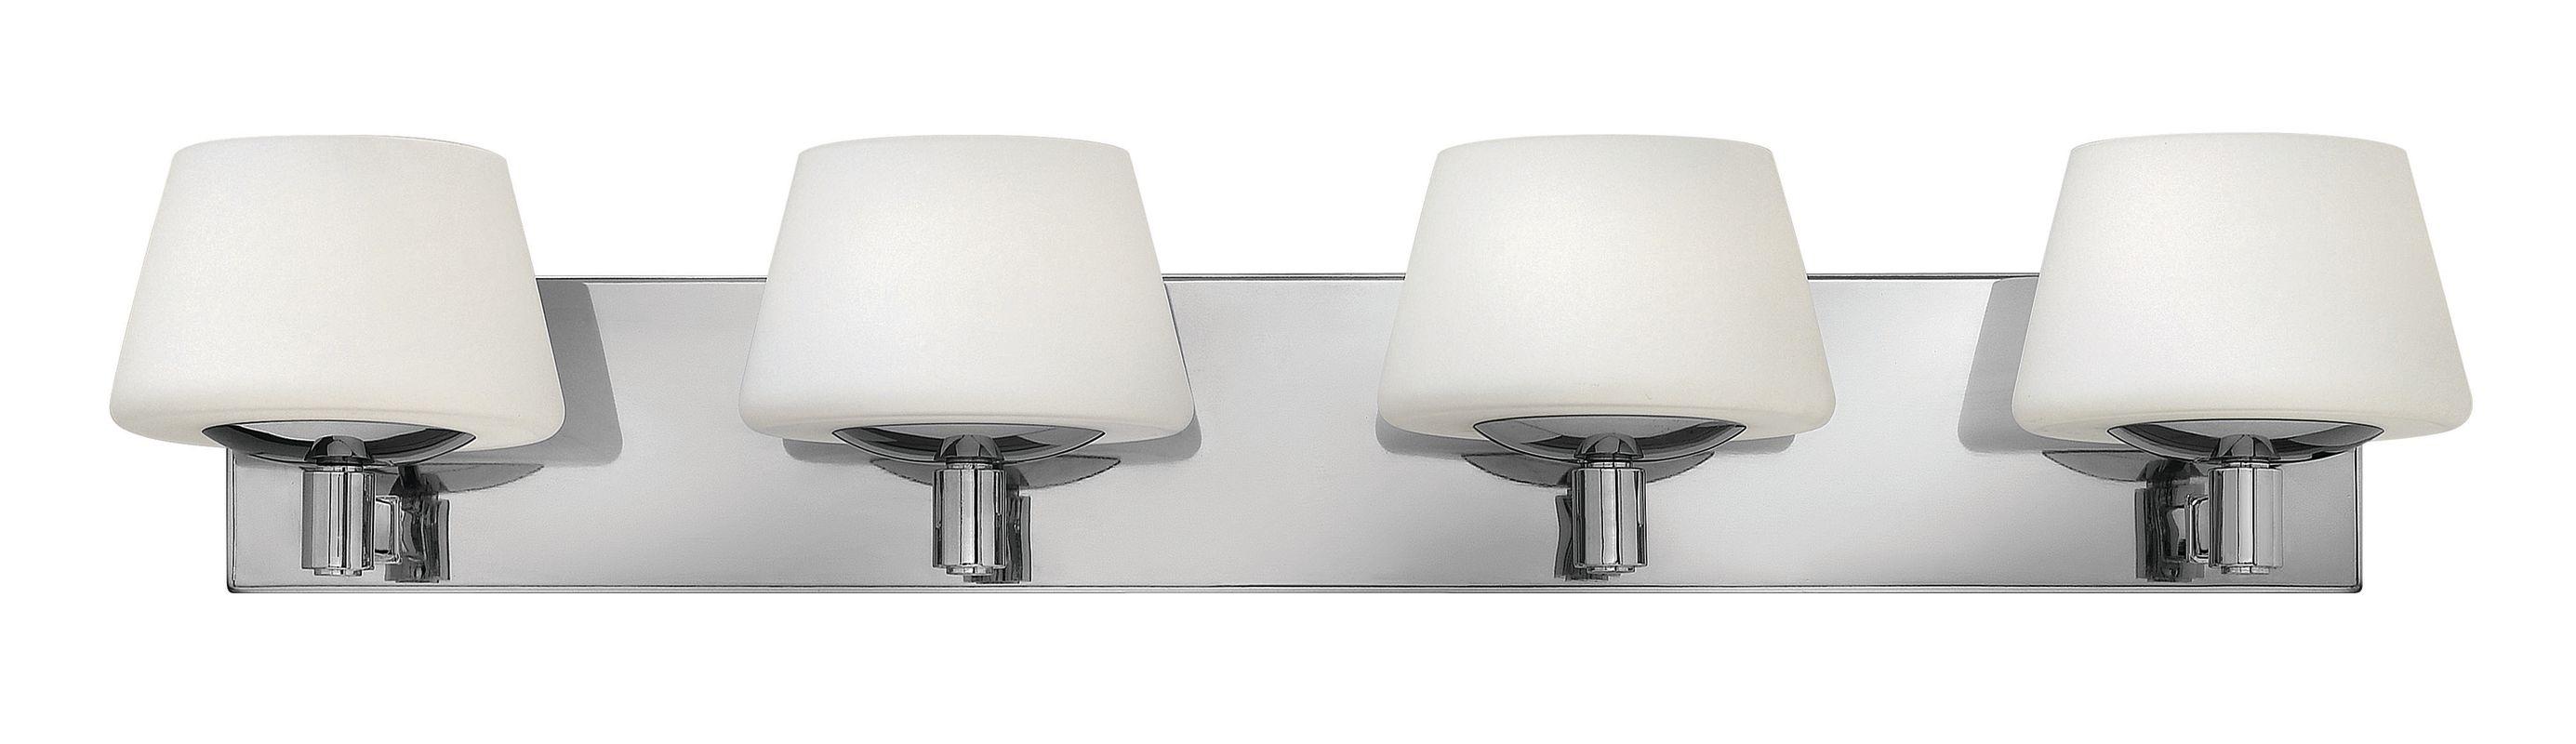 Hinkley Lighting 55754 4 Light Bathroom Vanity Light from the Bianca